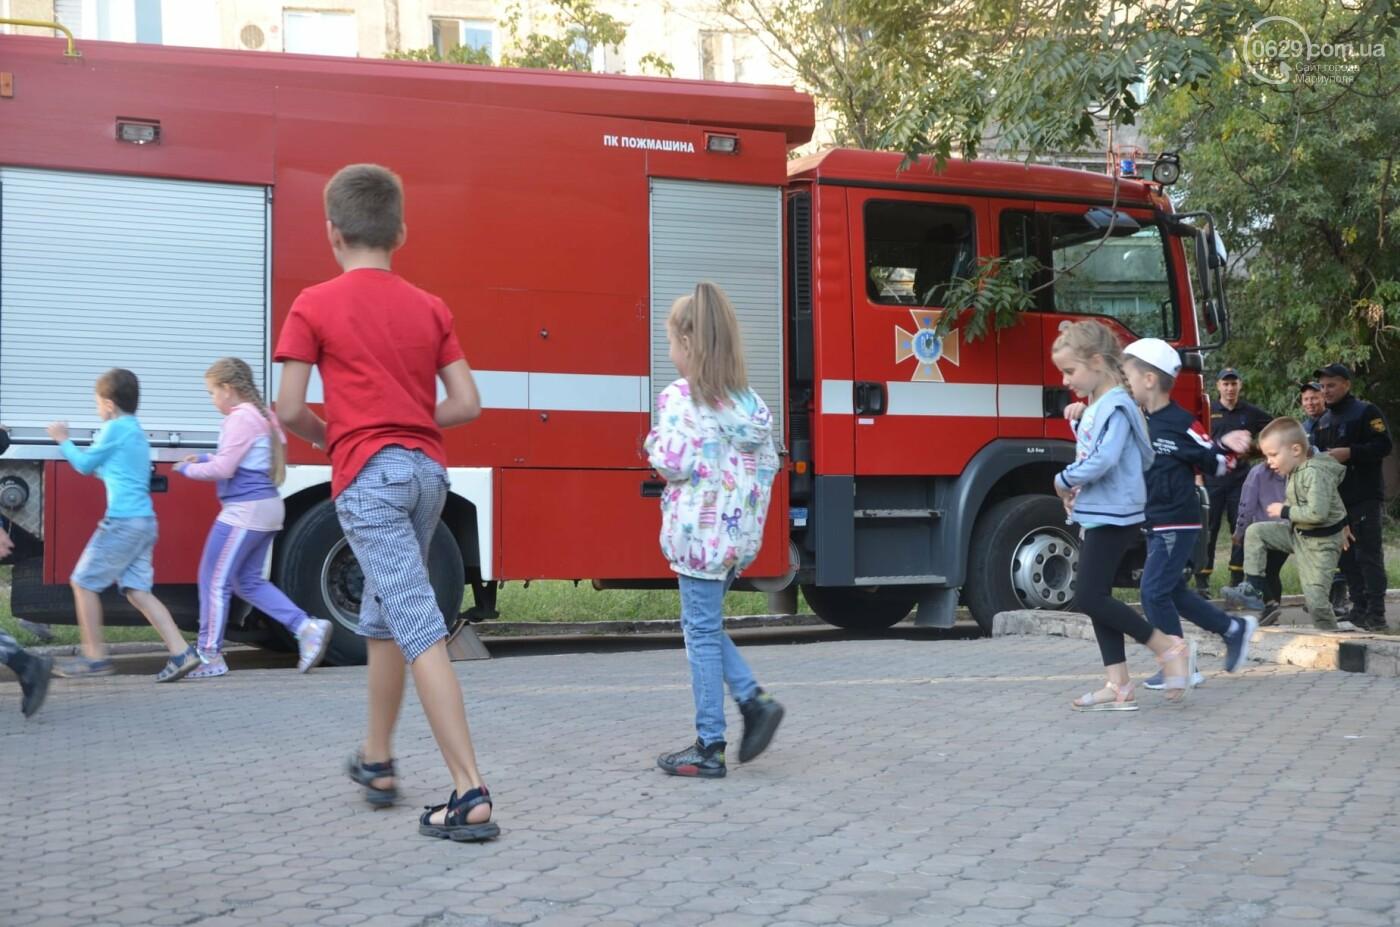 В Мариуполе отпраздновали День двора на пожарной машине, - ФОТО, фото-13